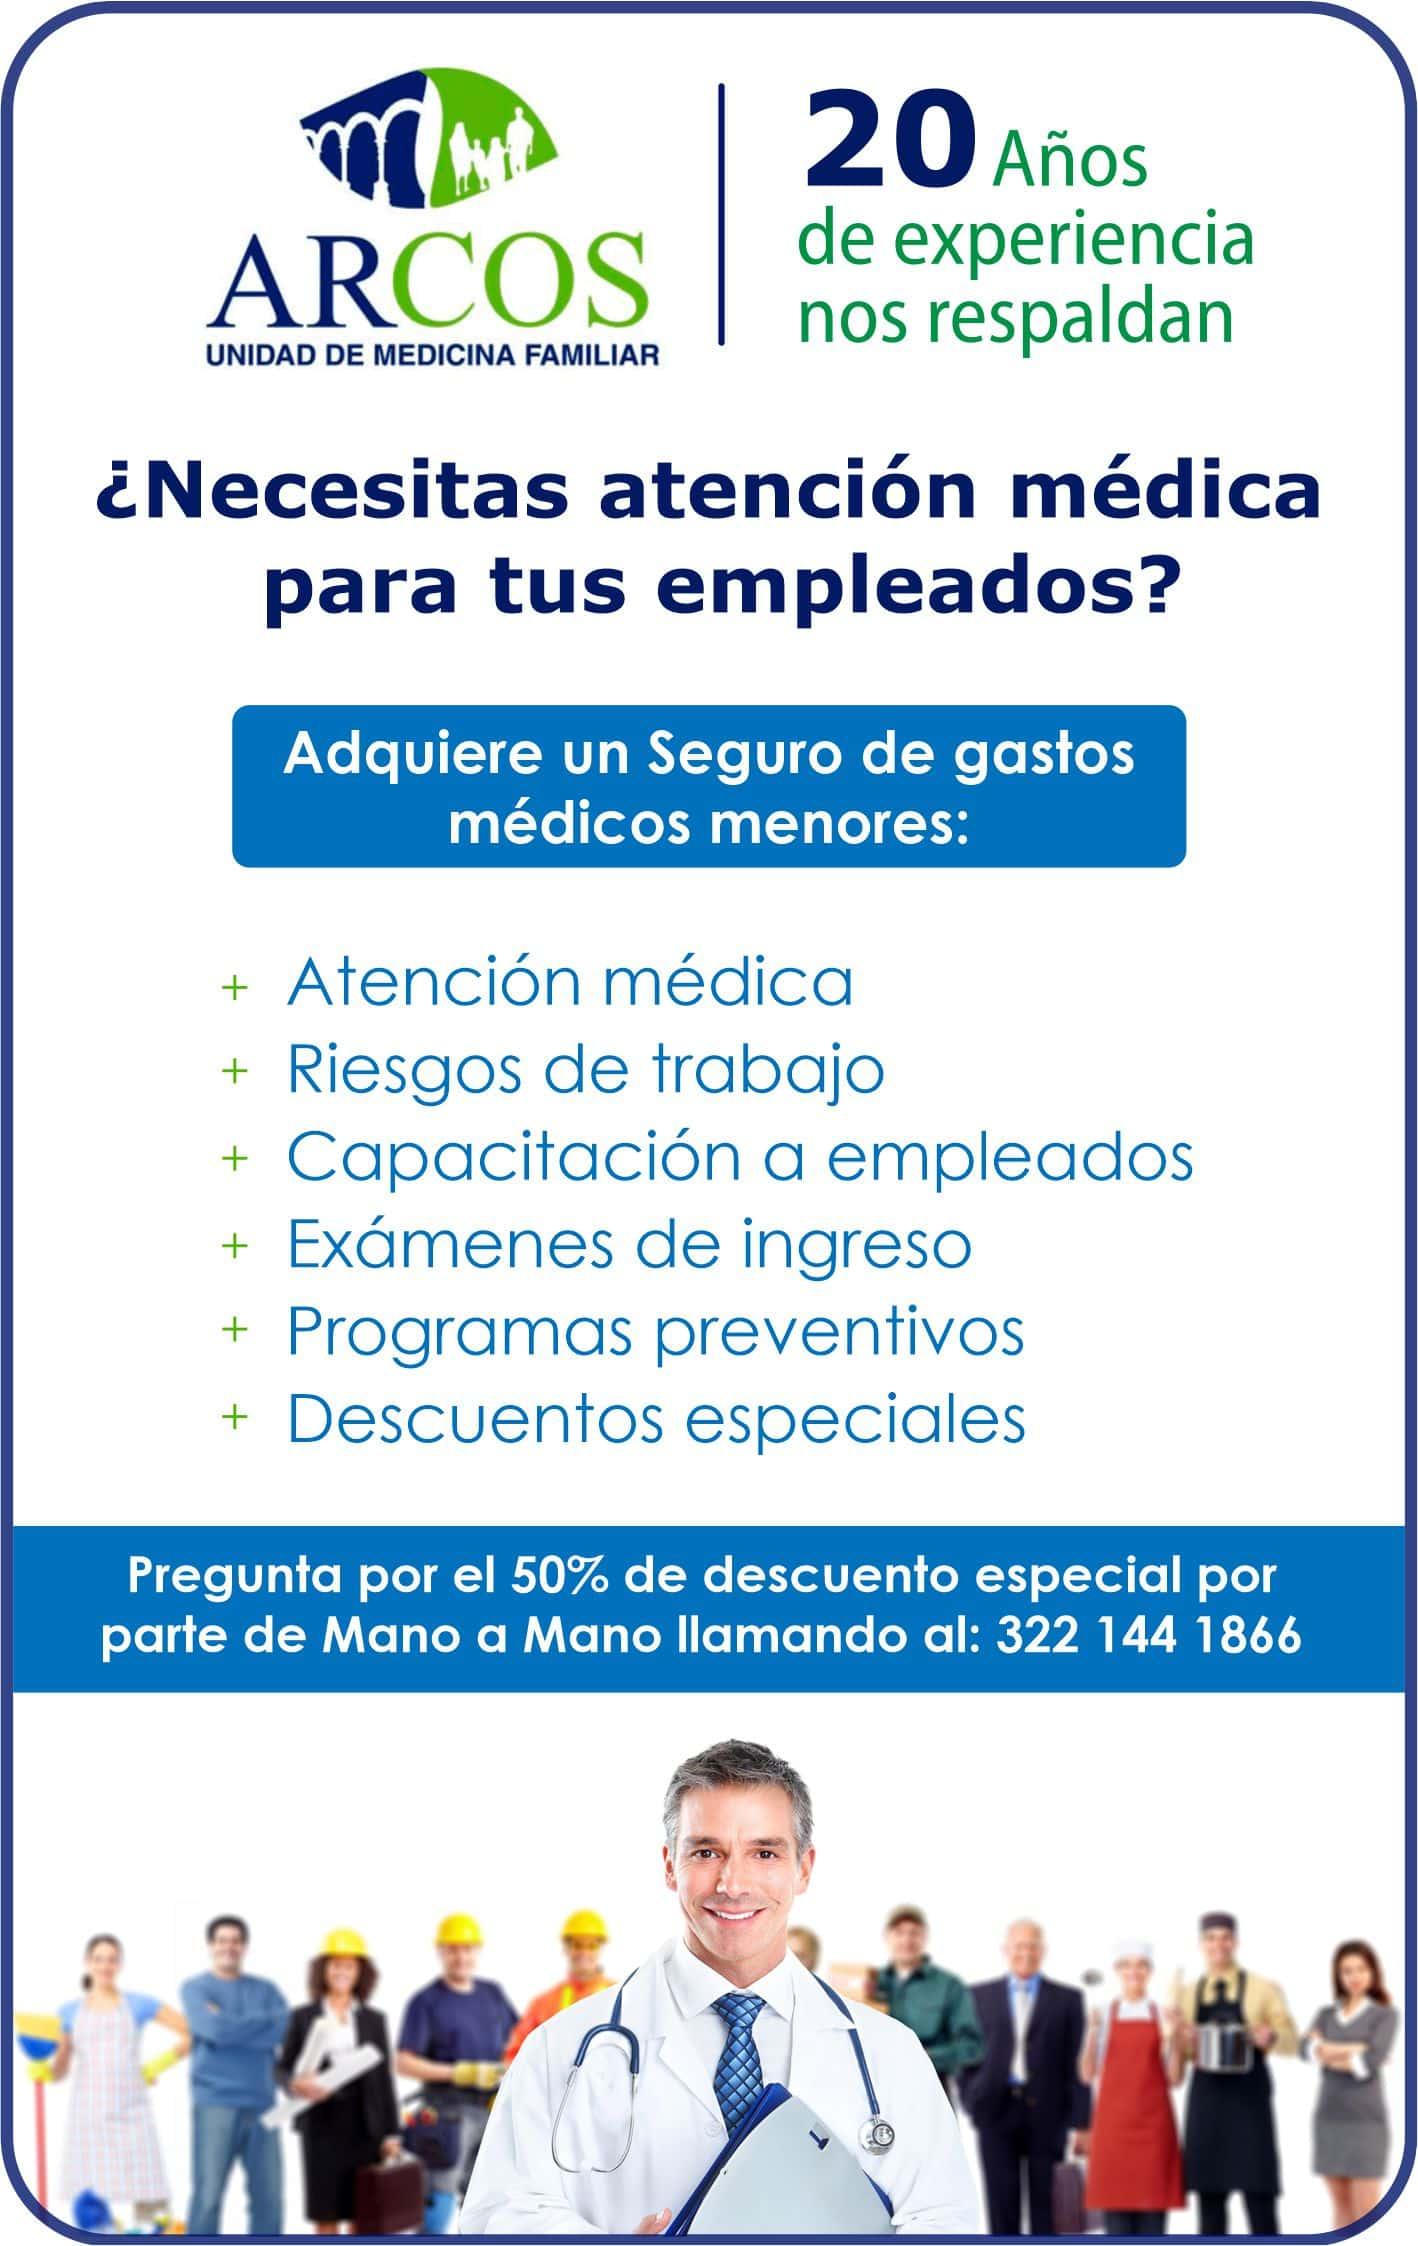 Servicios medicos arcos disen%cc%83o